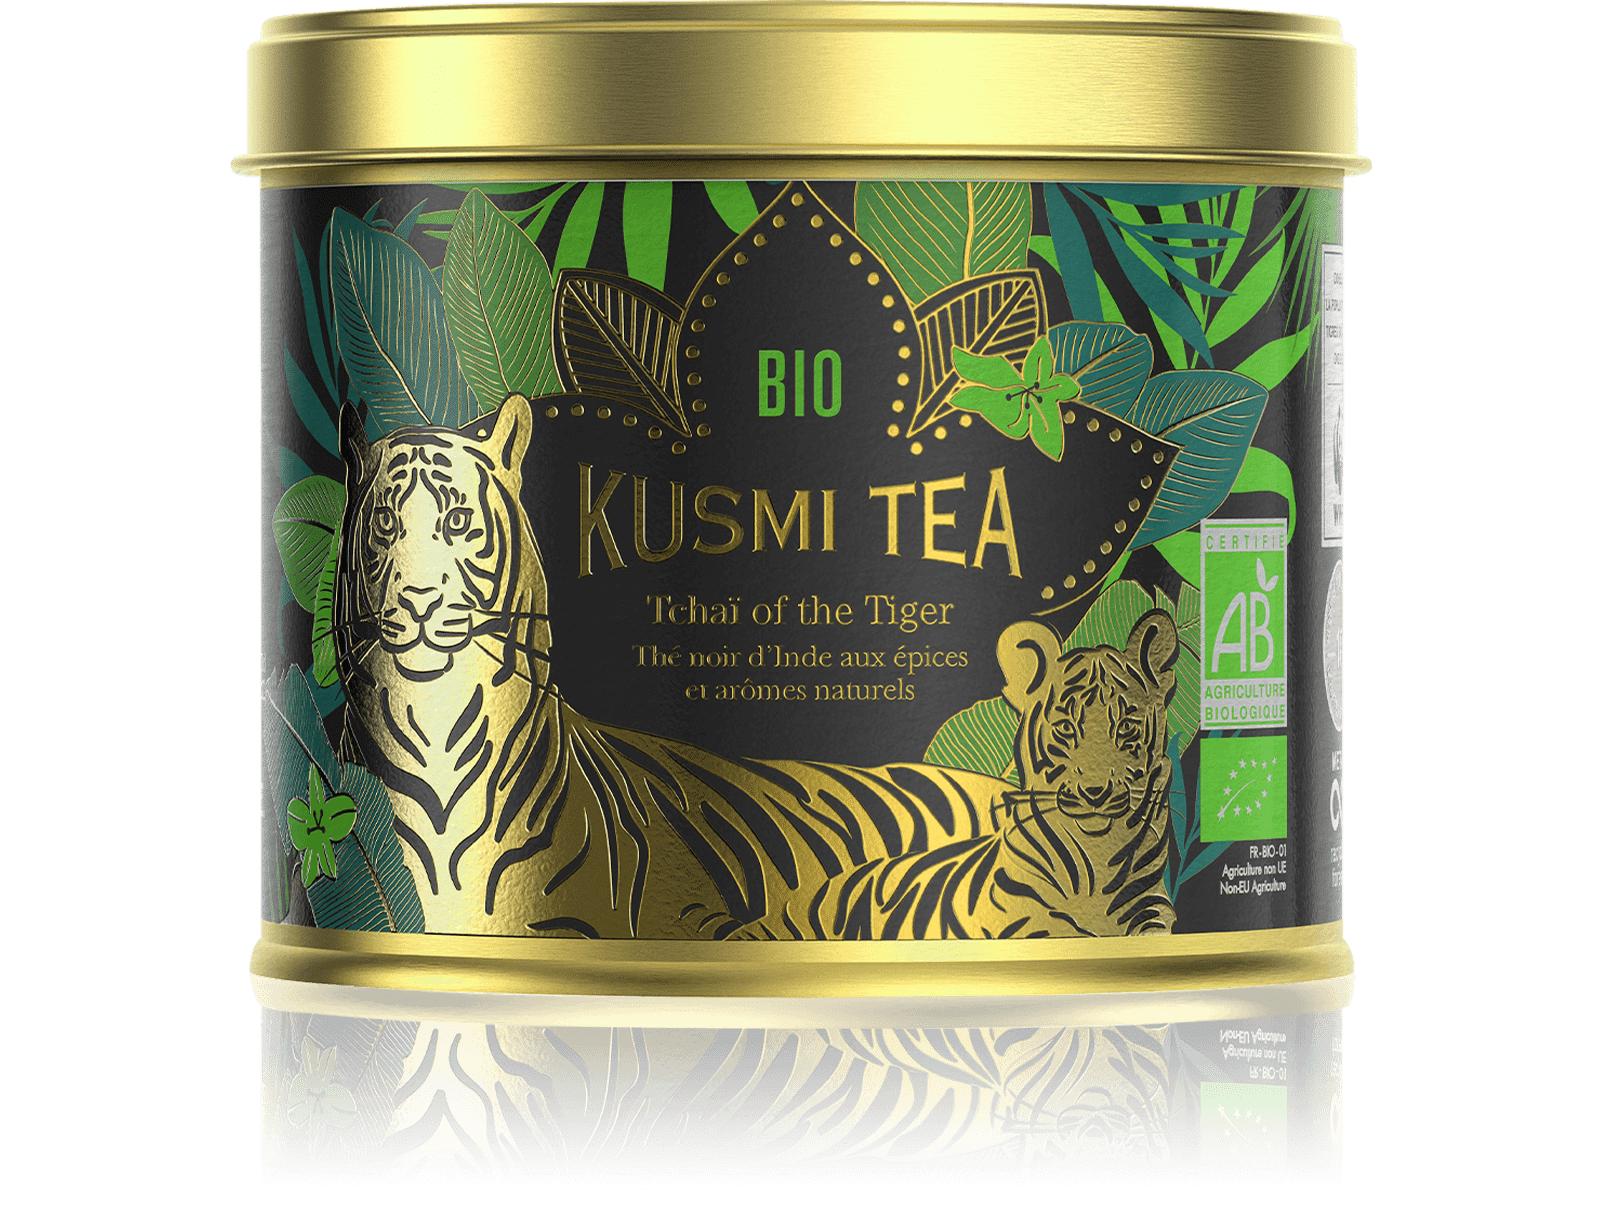 KUSMI TEA Tchaï of the Tiger Bio  Thé noir  Kusmi Tea